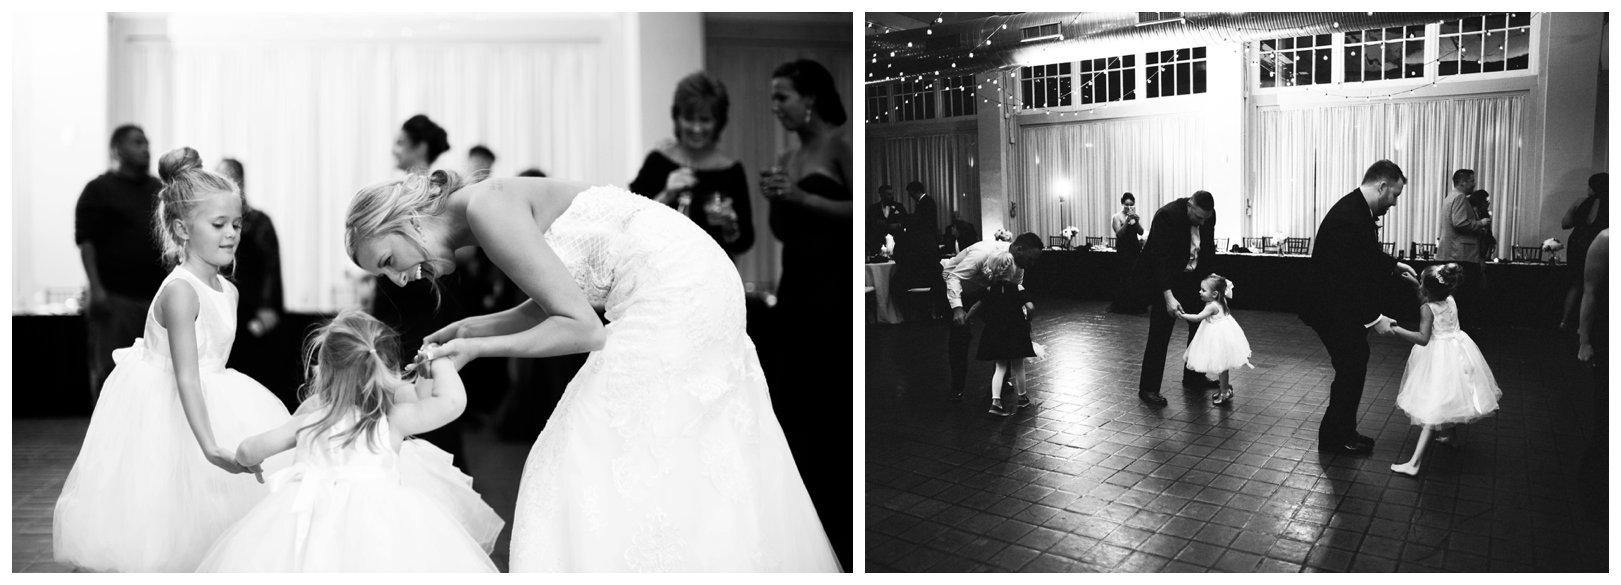 lauren muckler photography_fine art film wedding photography_st louis_photography_2173.jpg